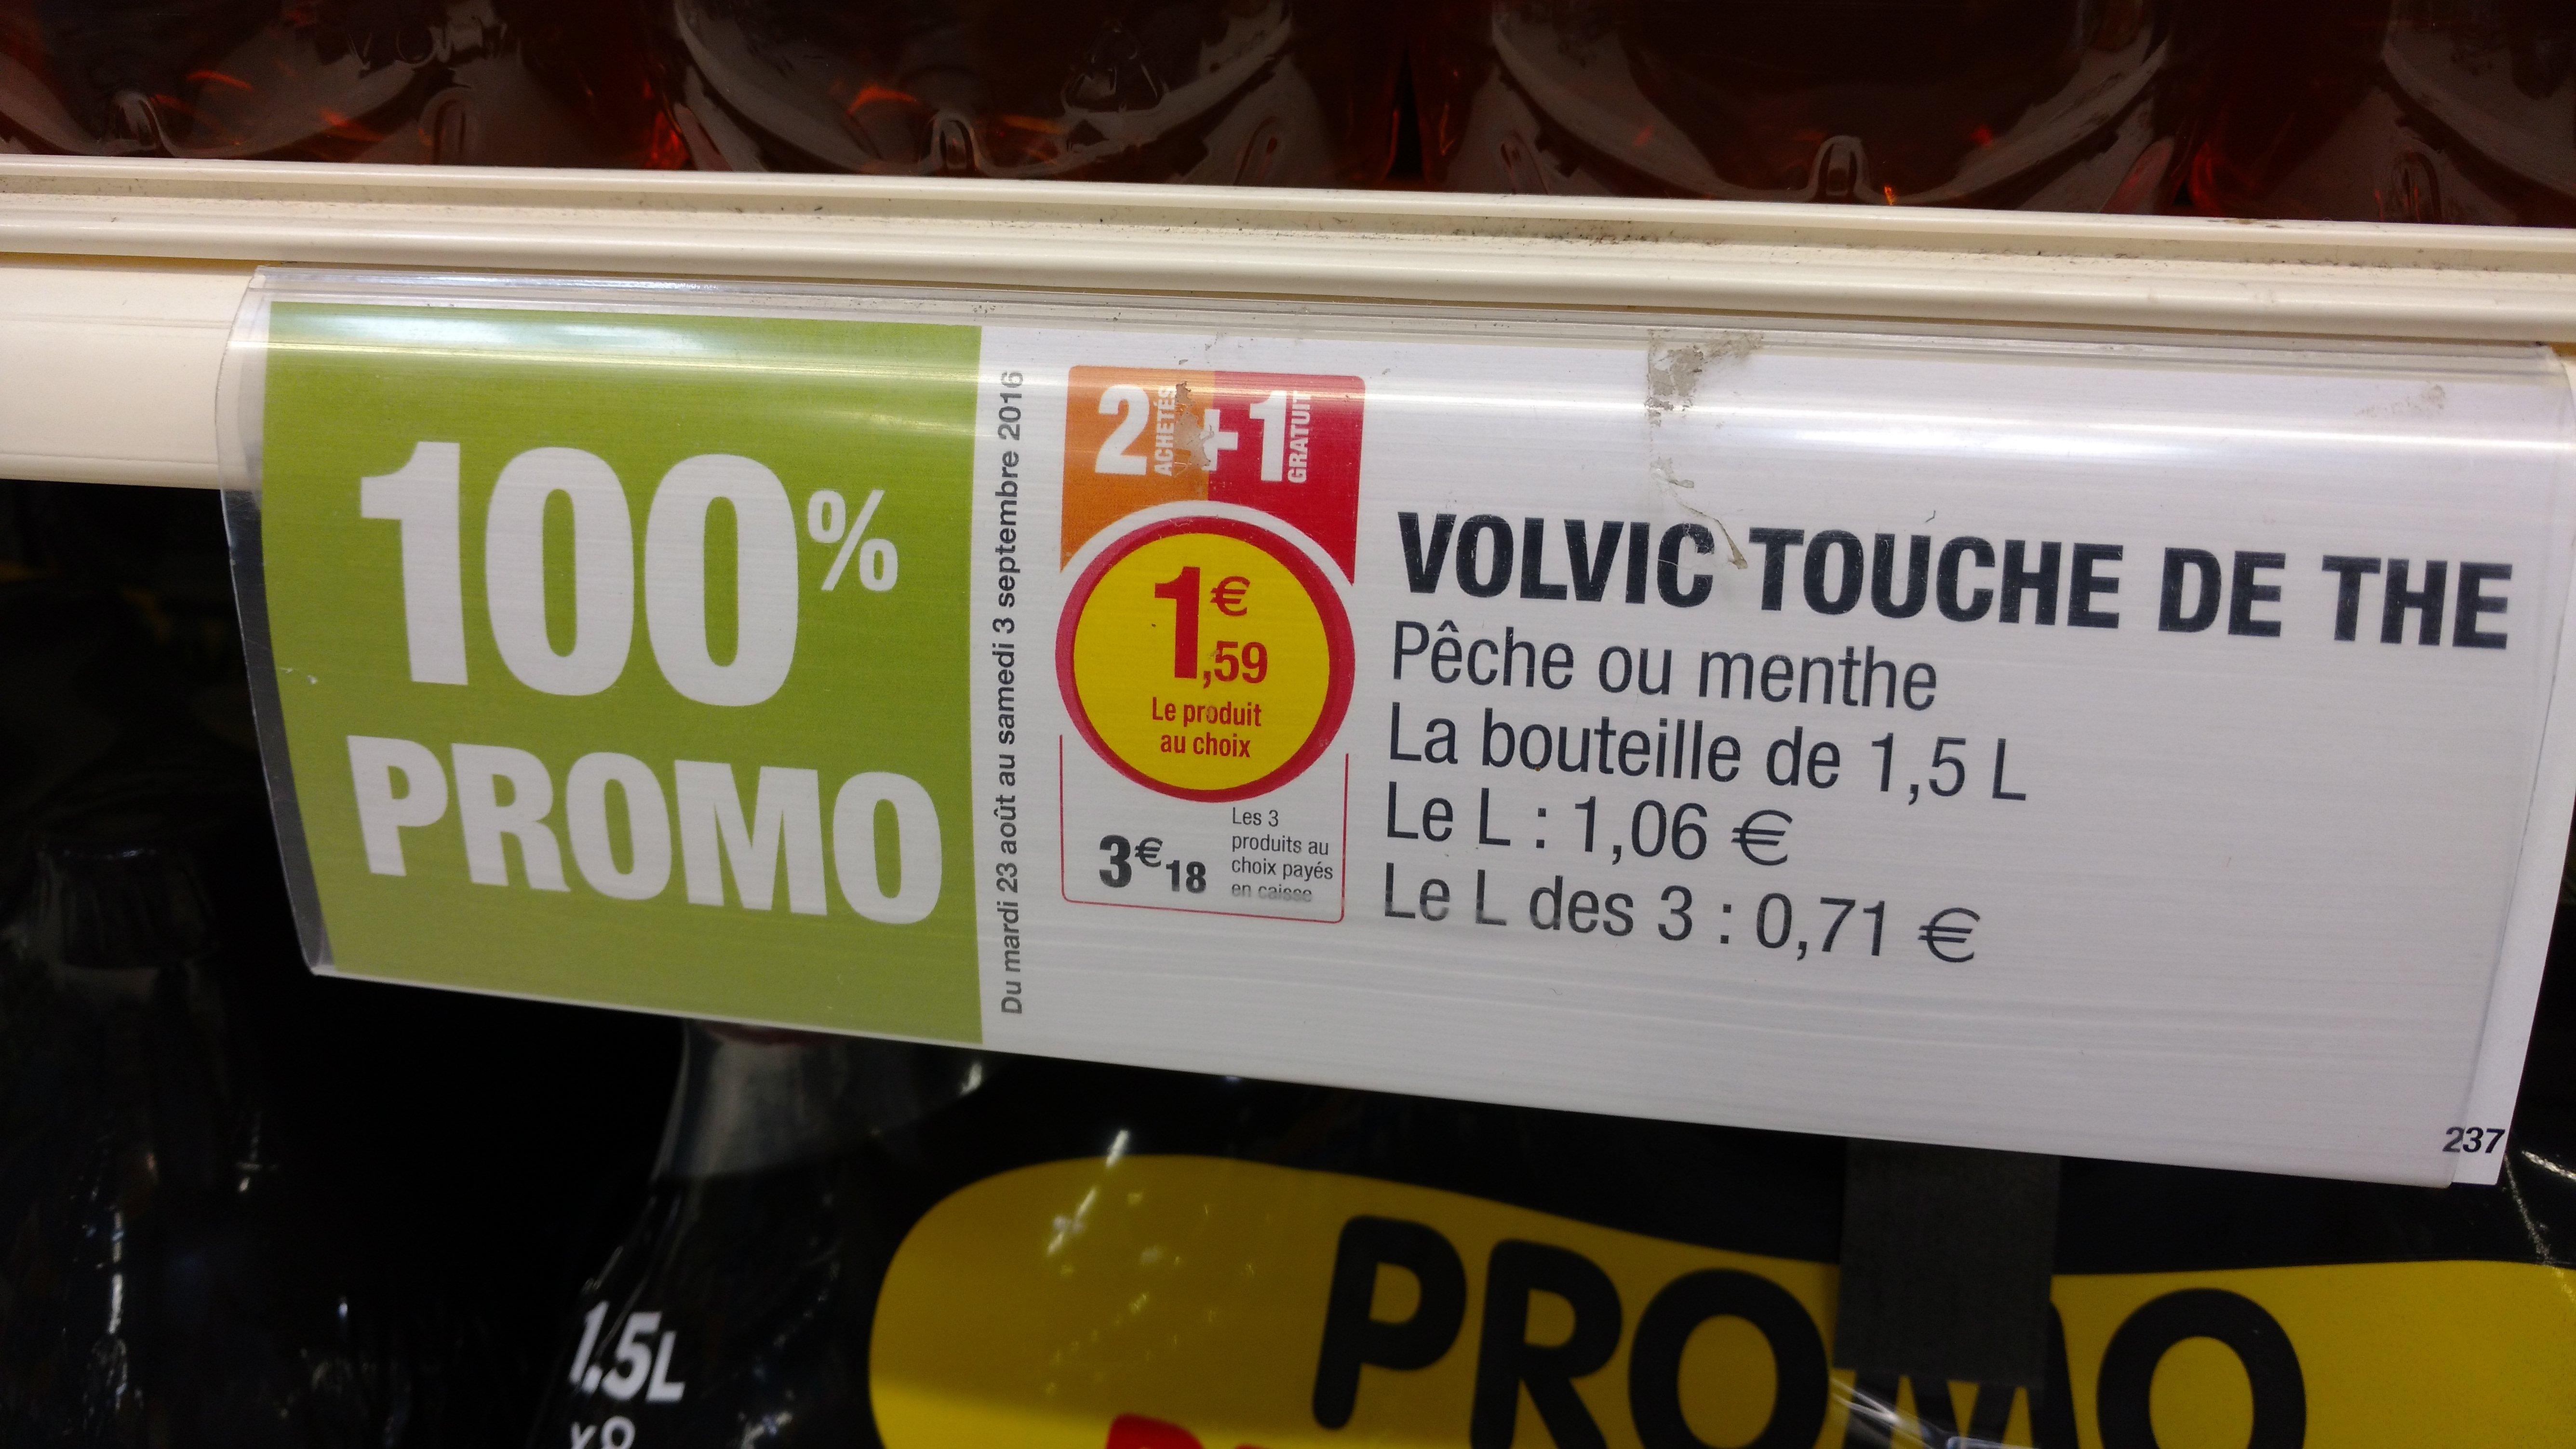 3 bouteilles de Volvic Touche de thé 1.5L - Menthe ou Pêche (via ODR de 1.59€)